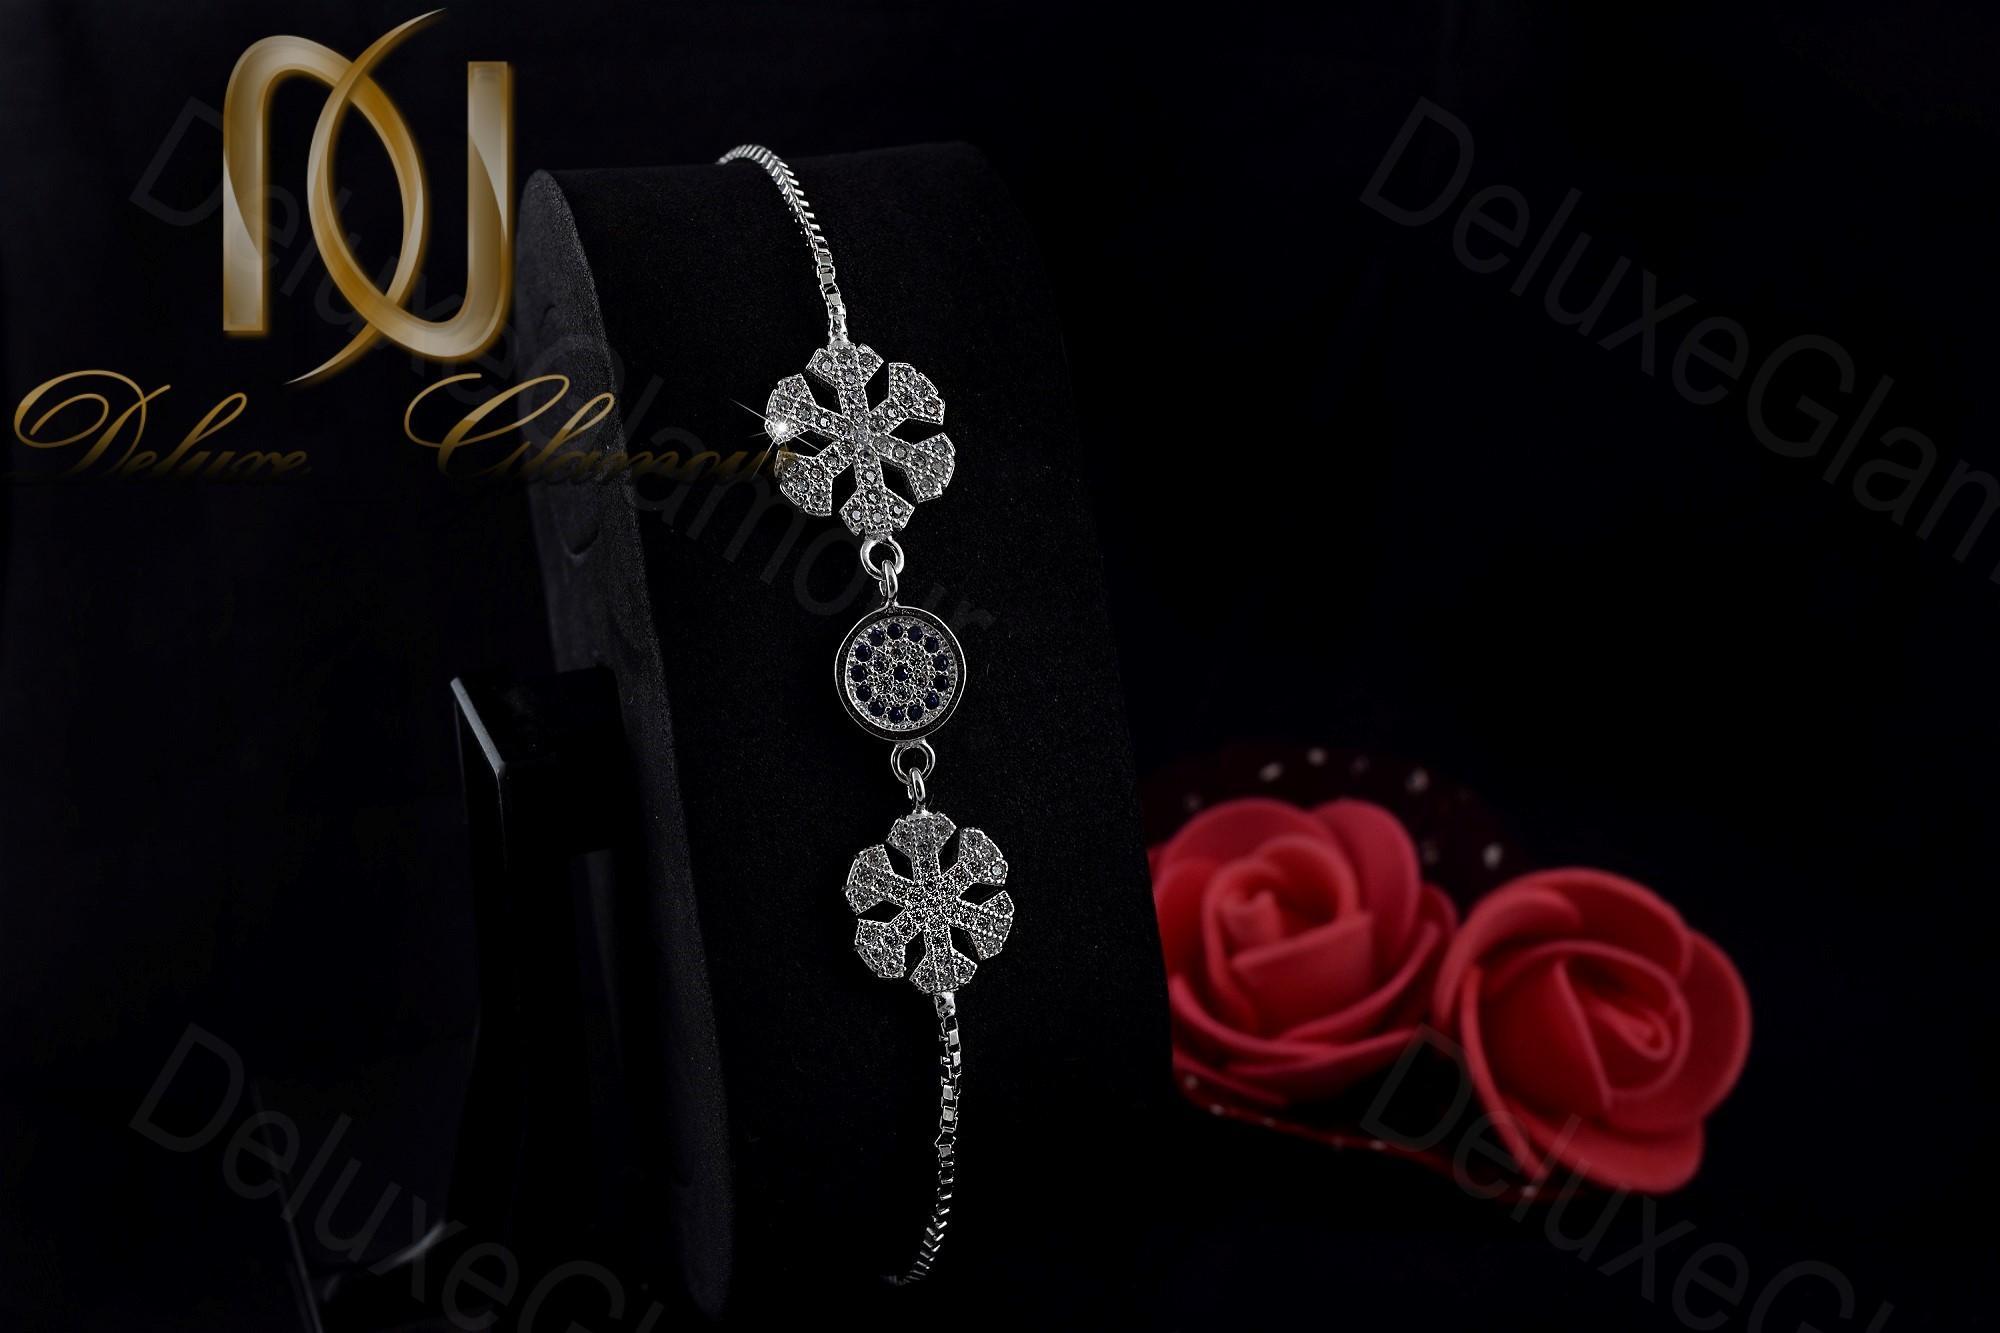 دستبند کراواتی نقره طرح چشم نظر و دانه برف Ds-n246 (2)